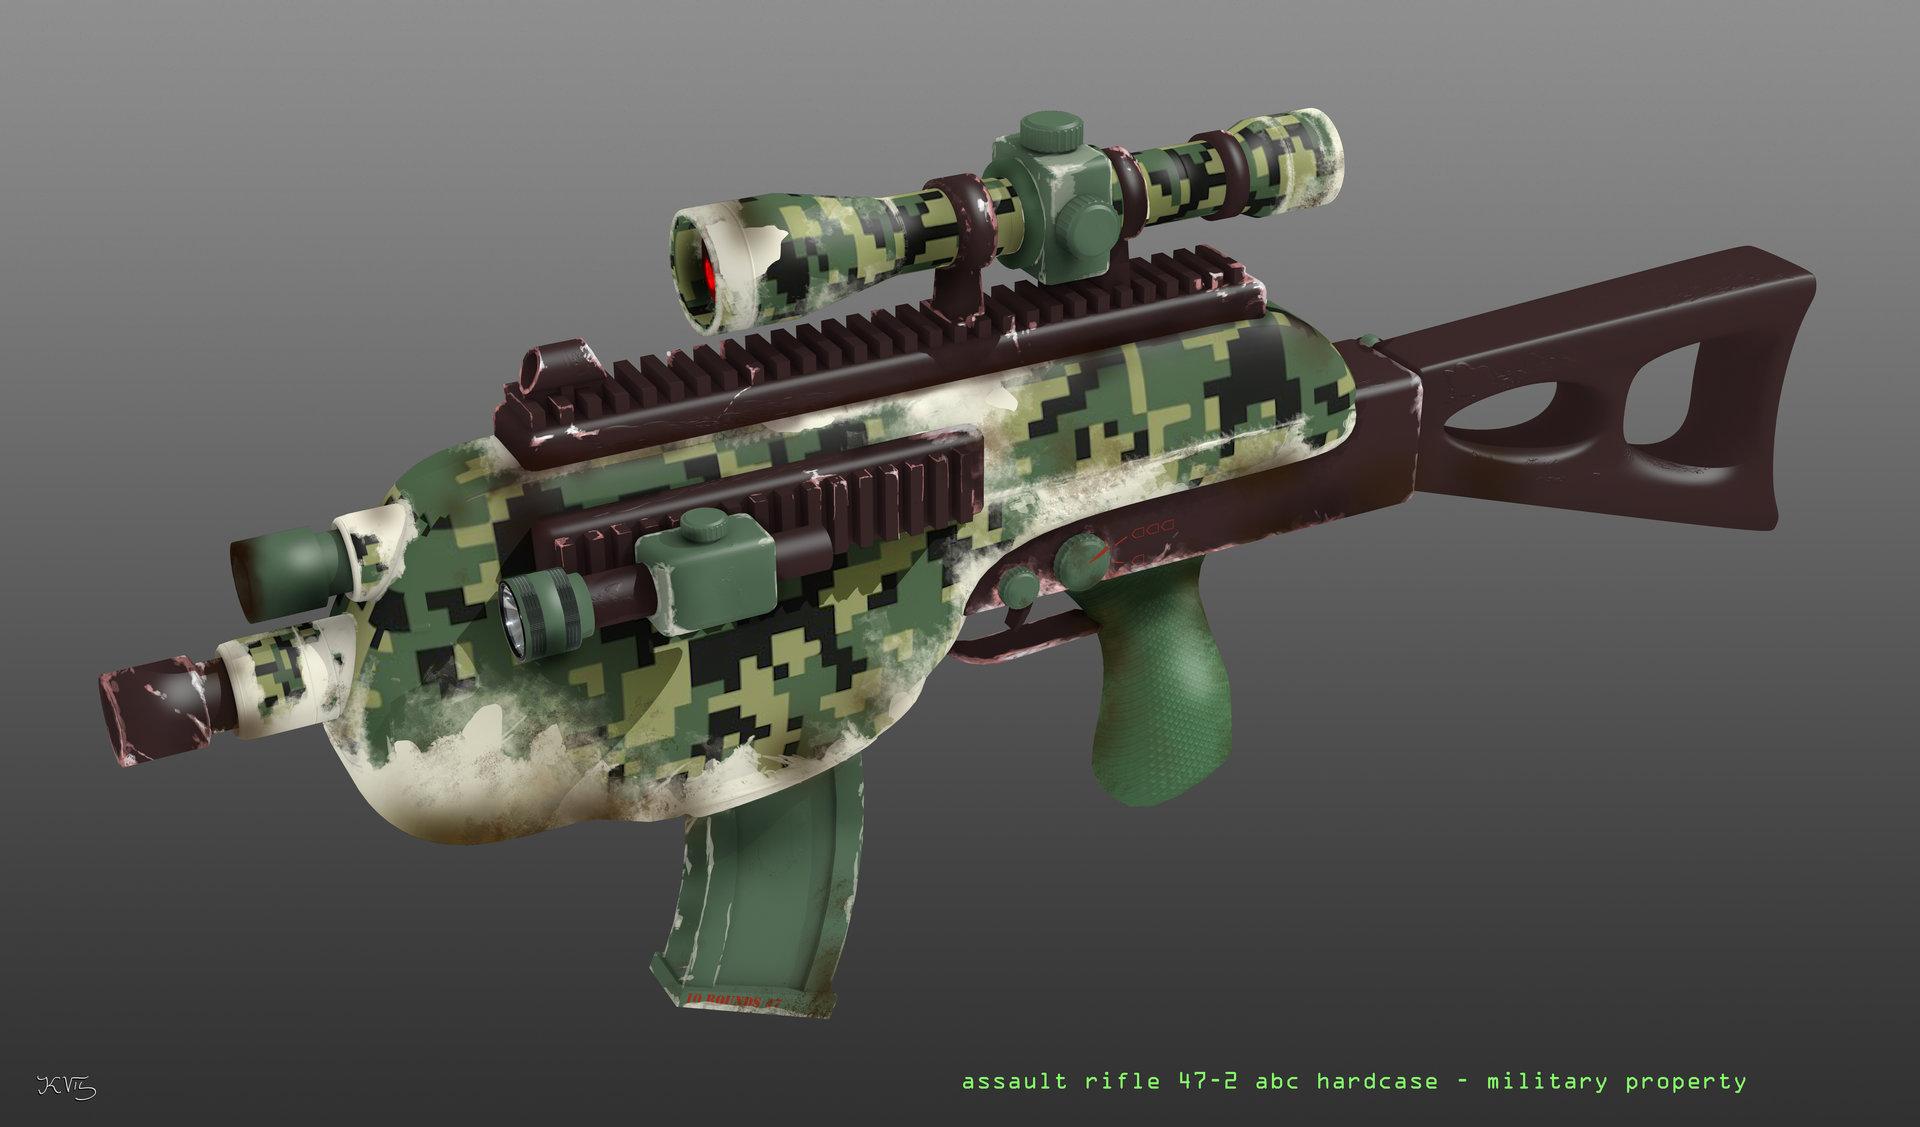 Konstantin vohwinkel hardcover plastic gun 3 web